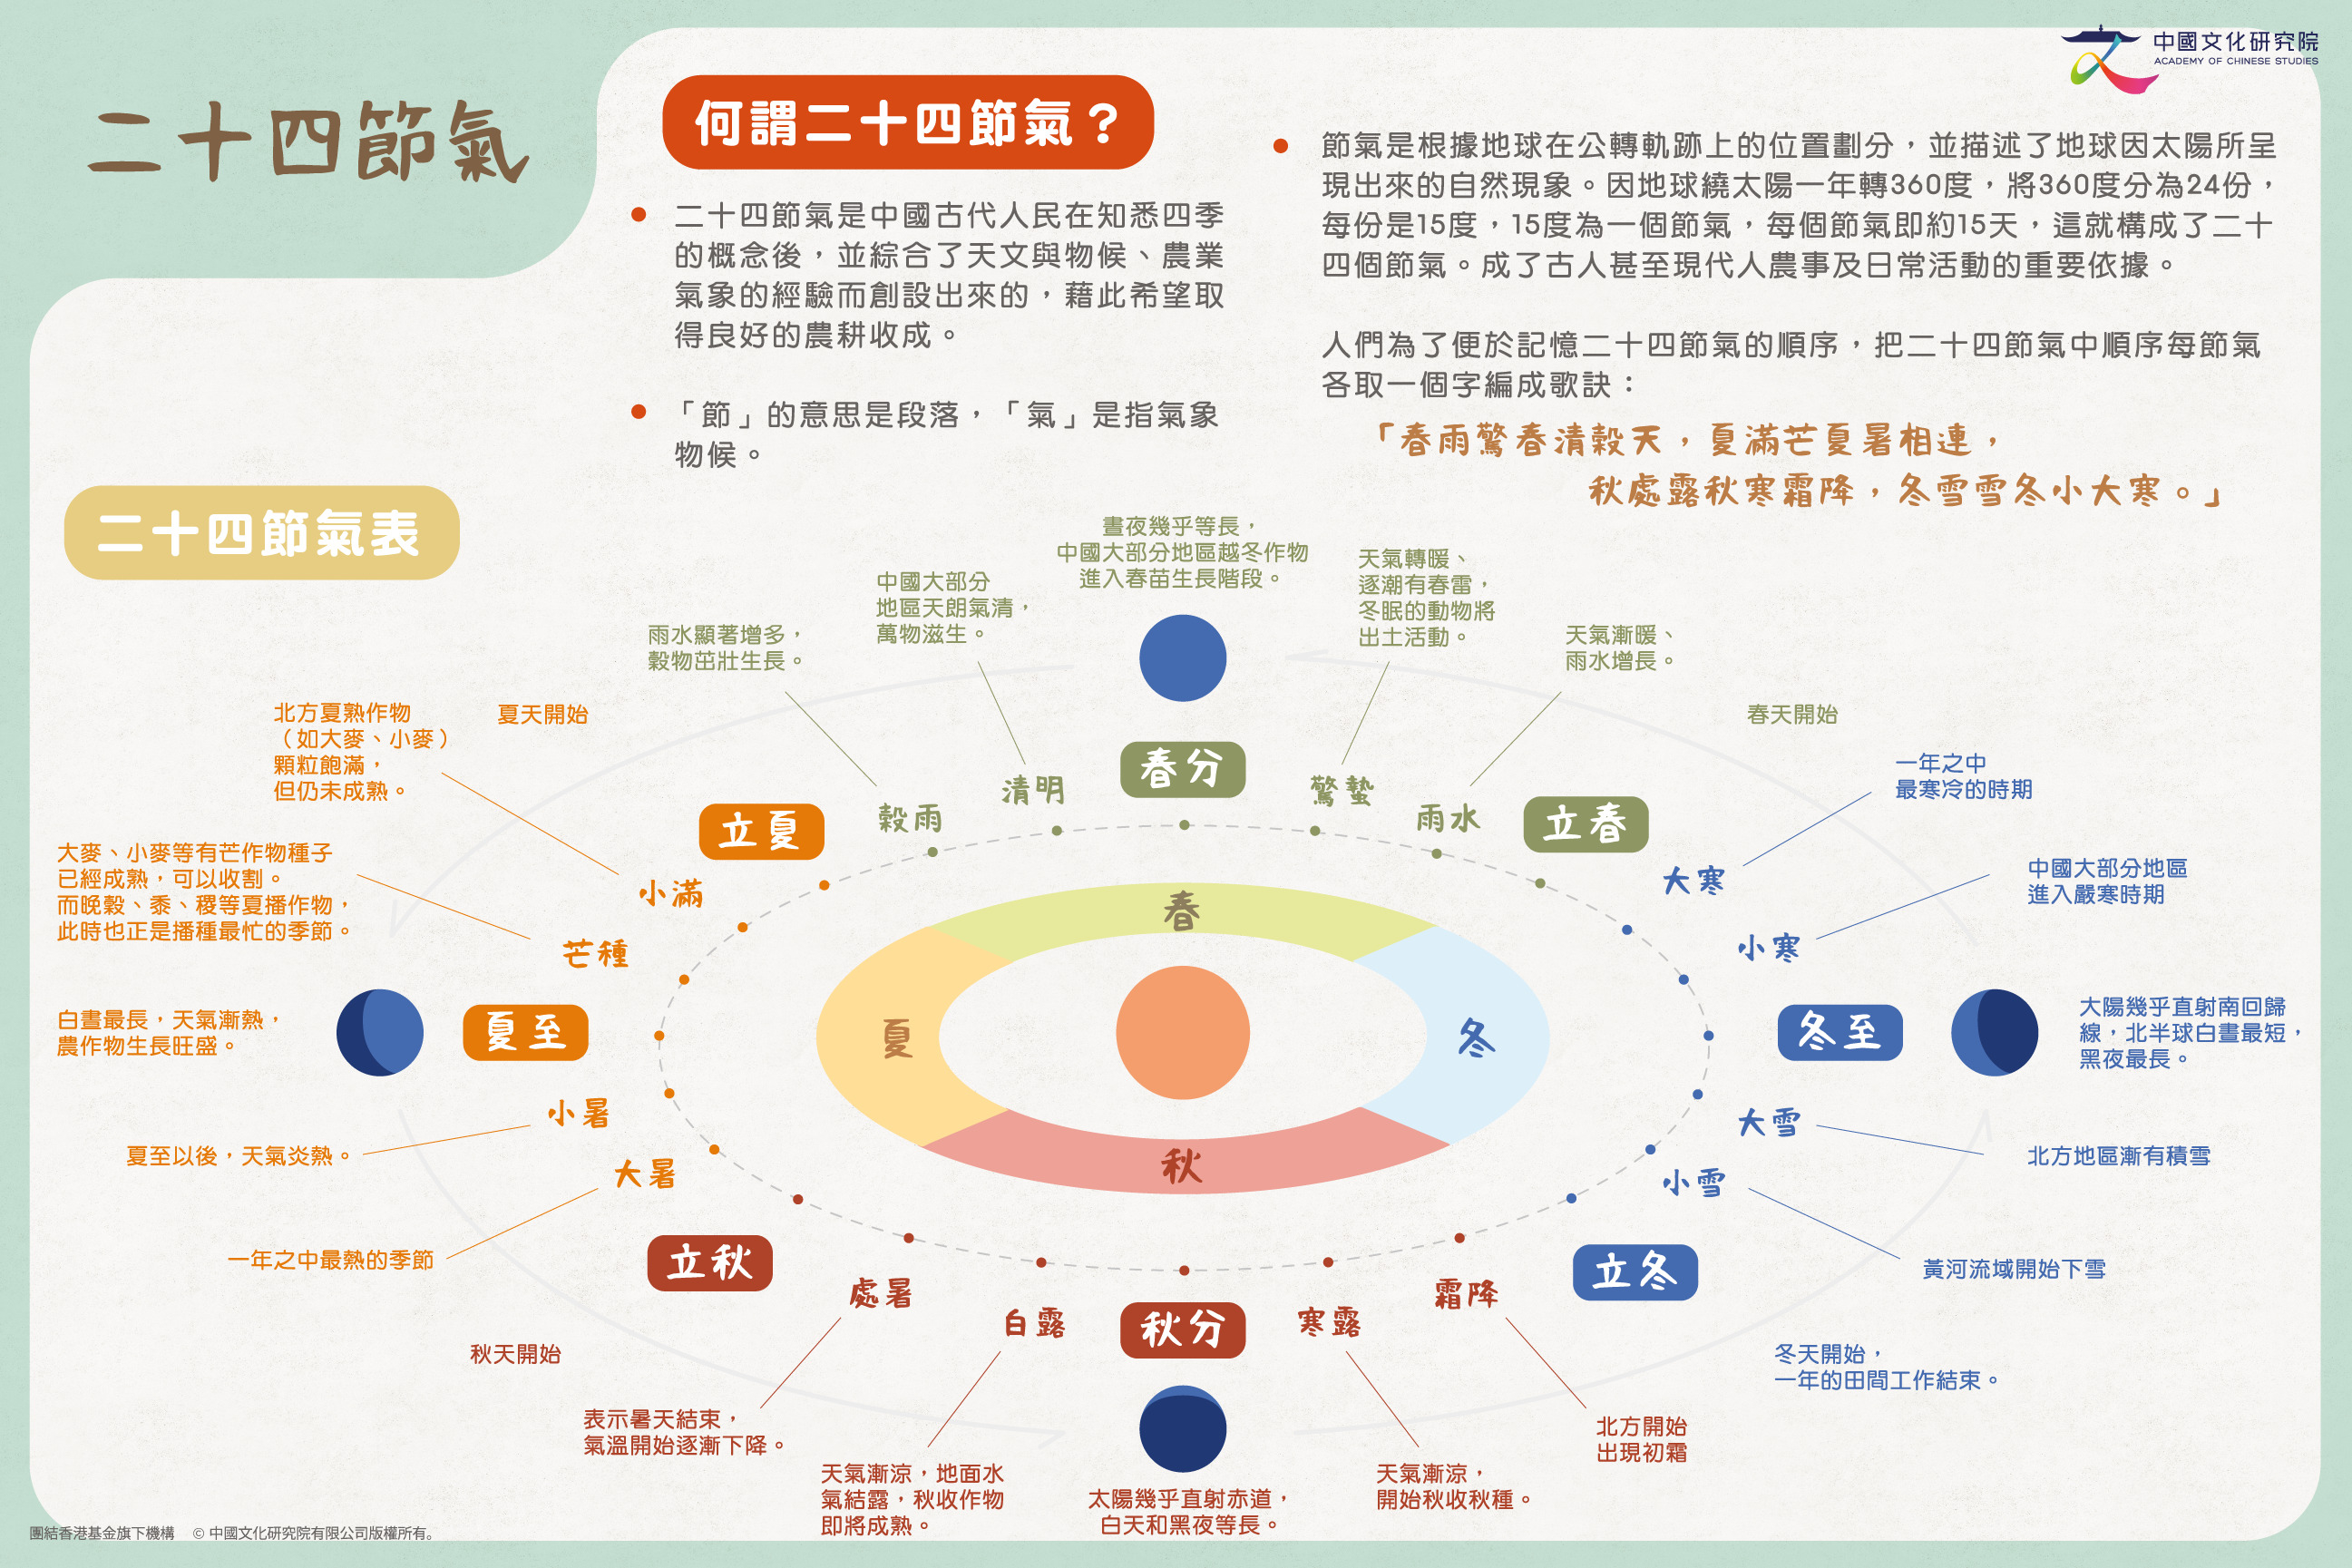 zhongguogudailifayuershisijieqi-0102_v2_deb0817-02